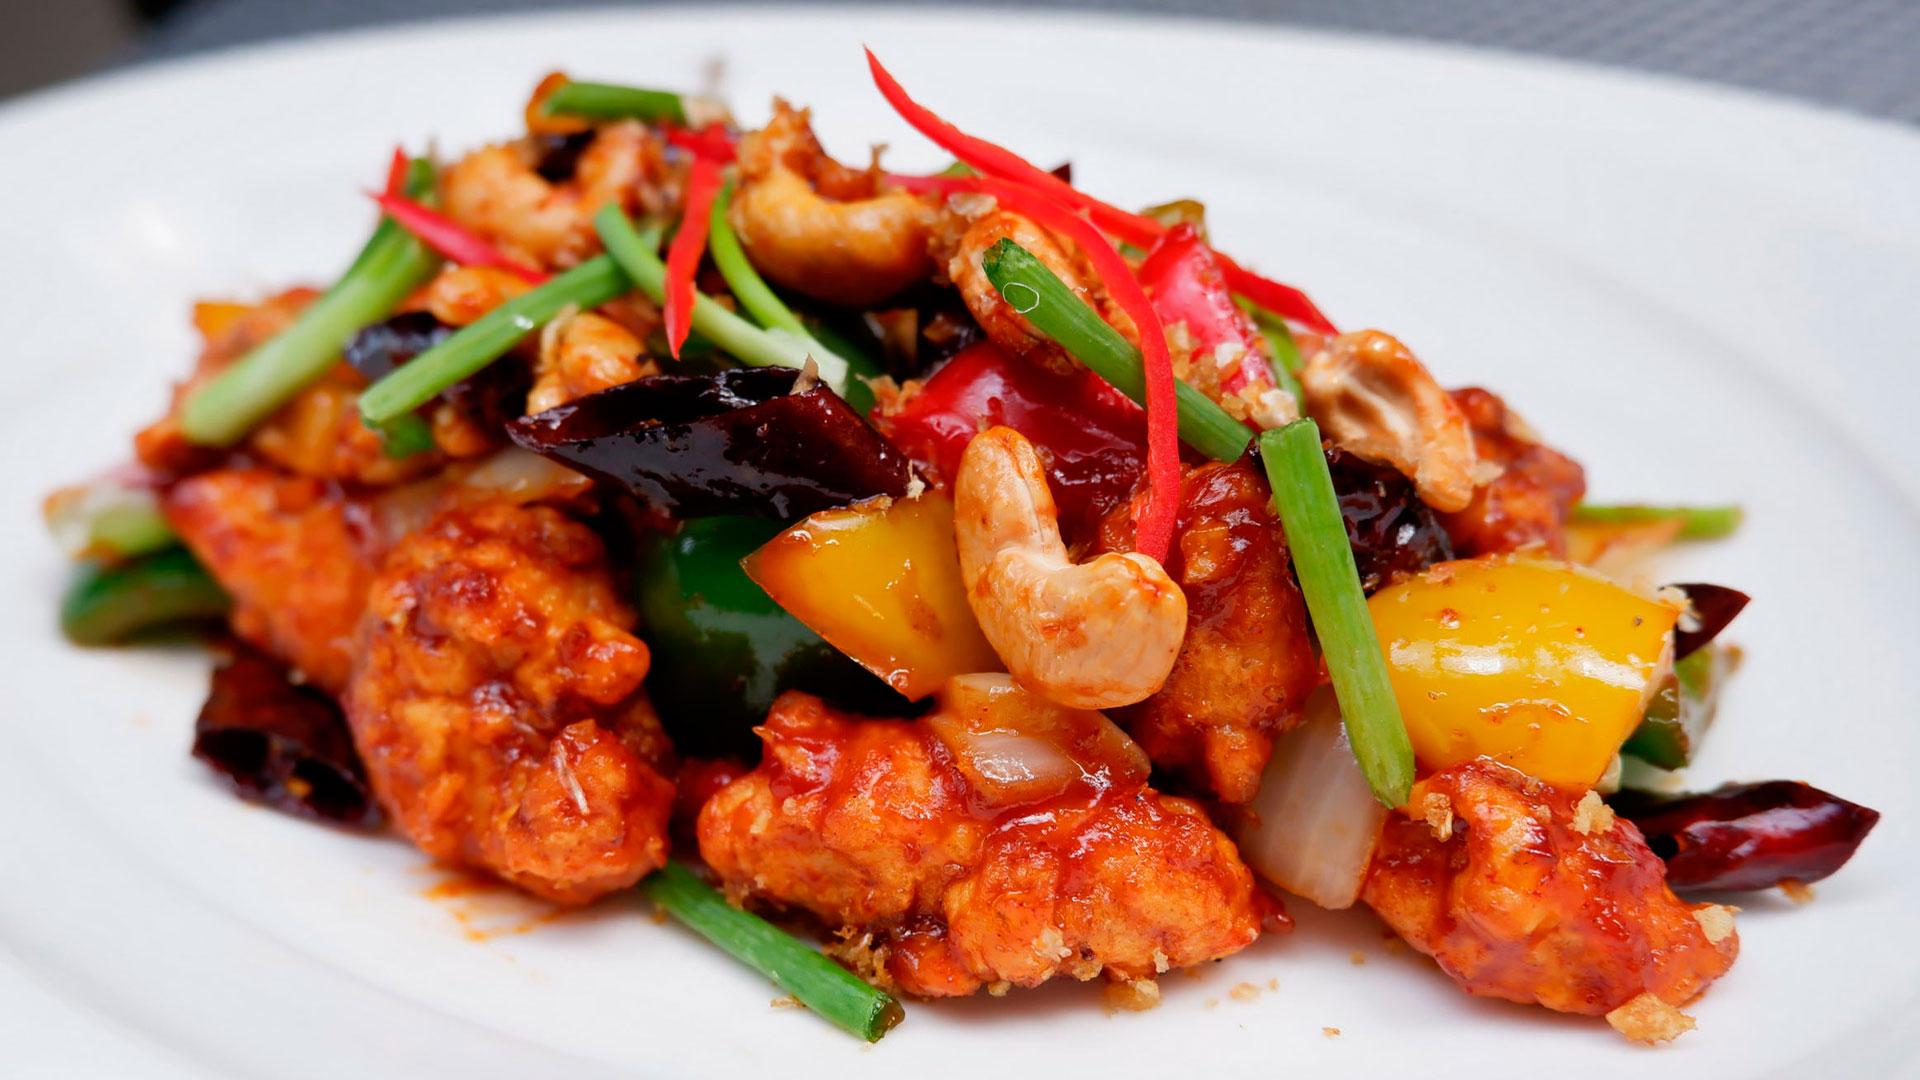 El Kai Phad Med Mamuang o salteado de pollo es un guiso con un producto muy tailandés